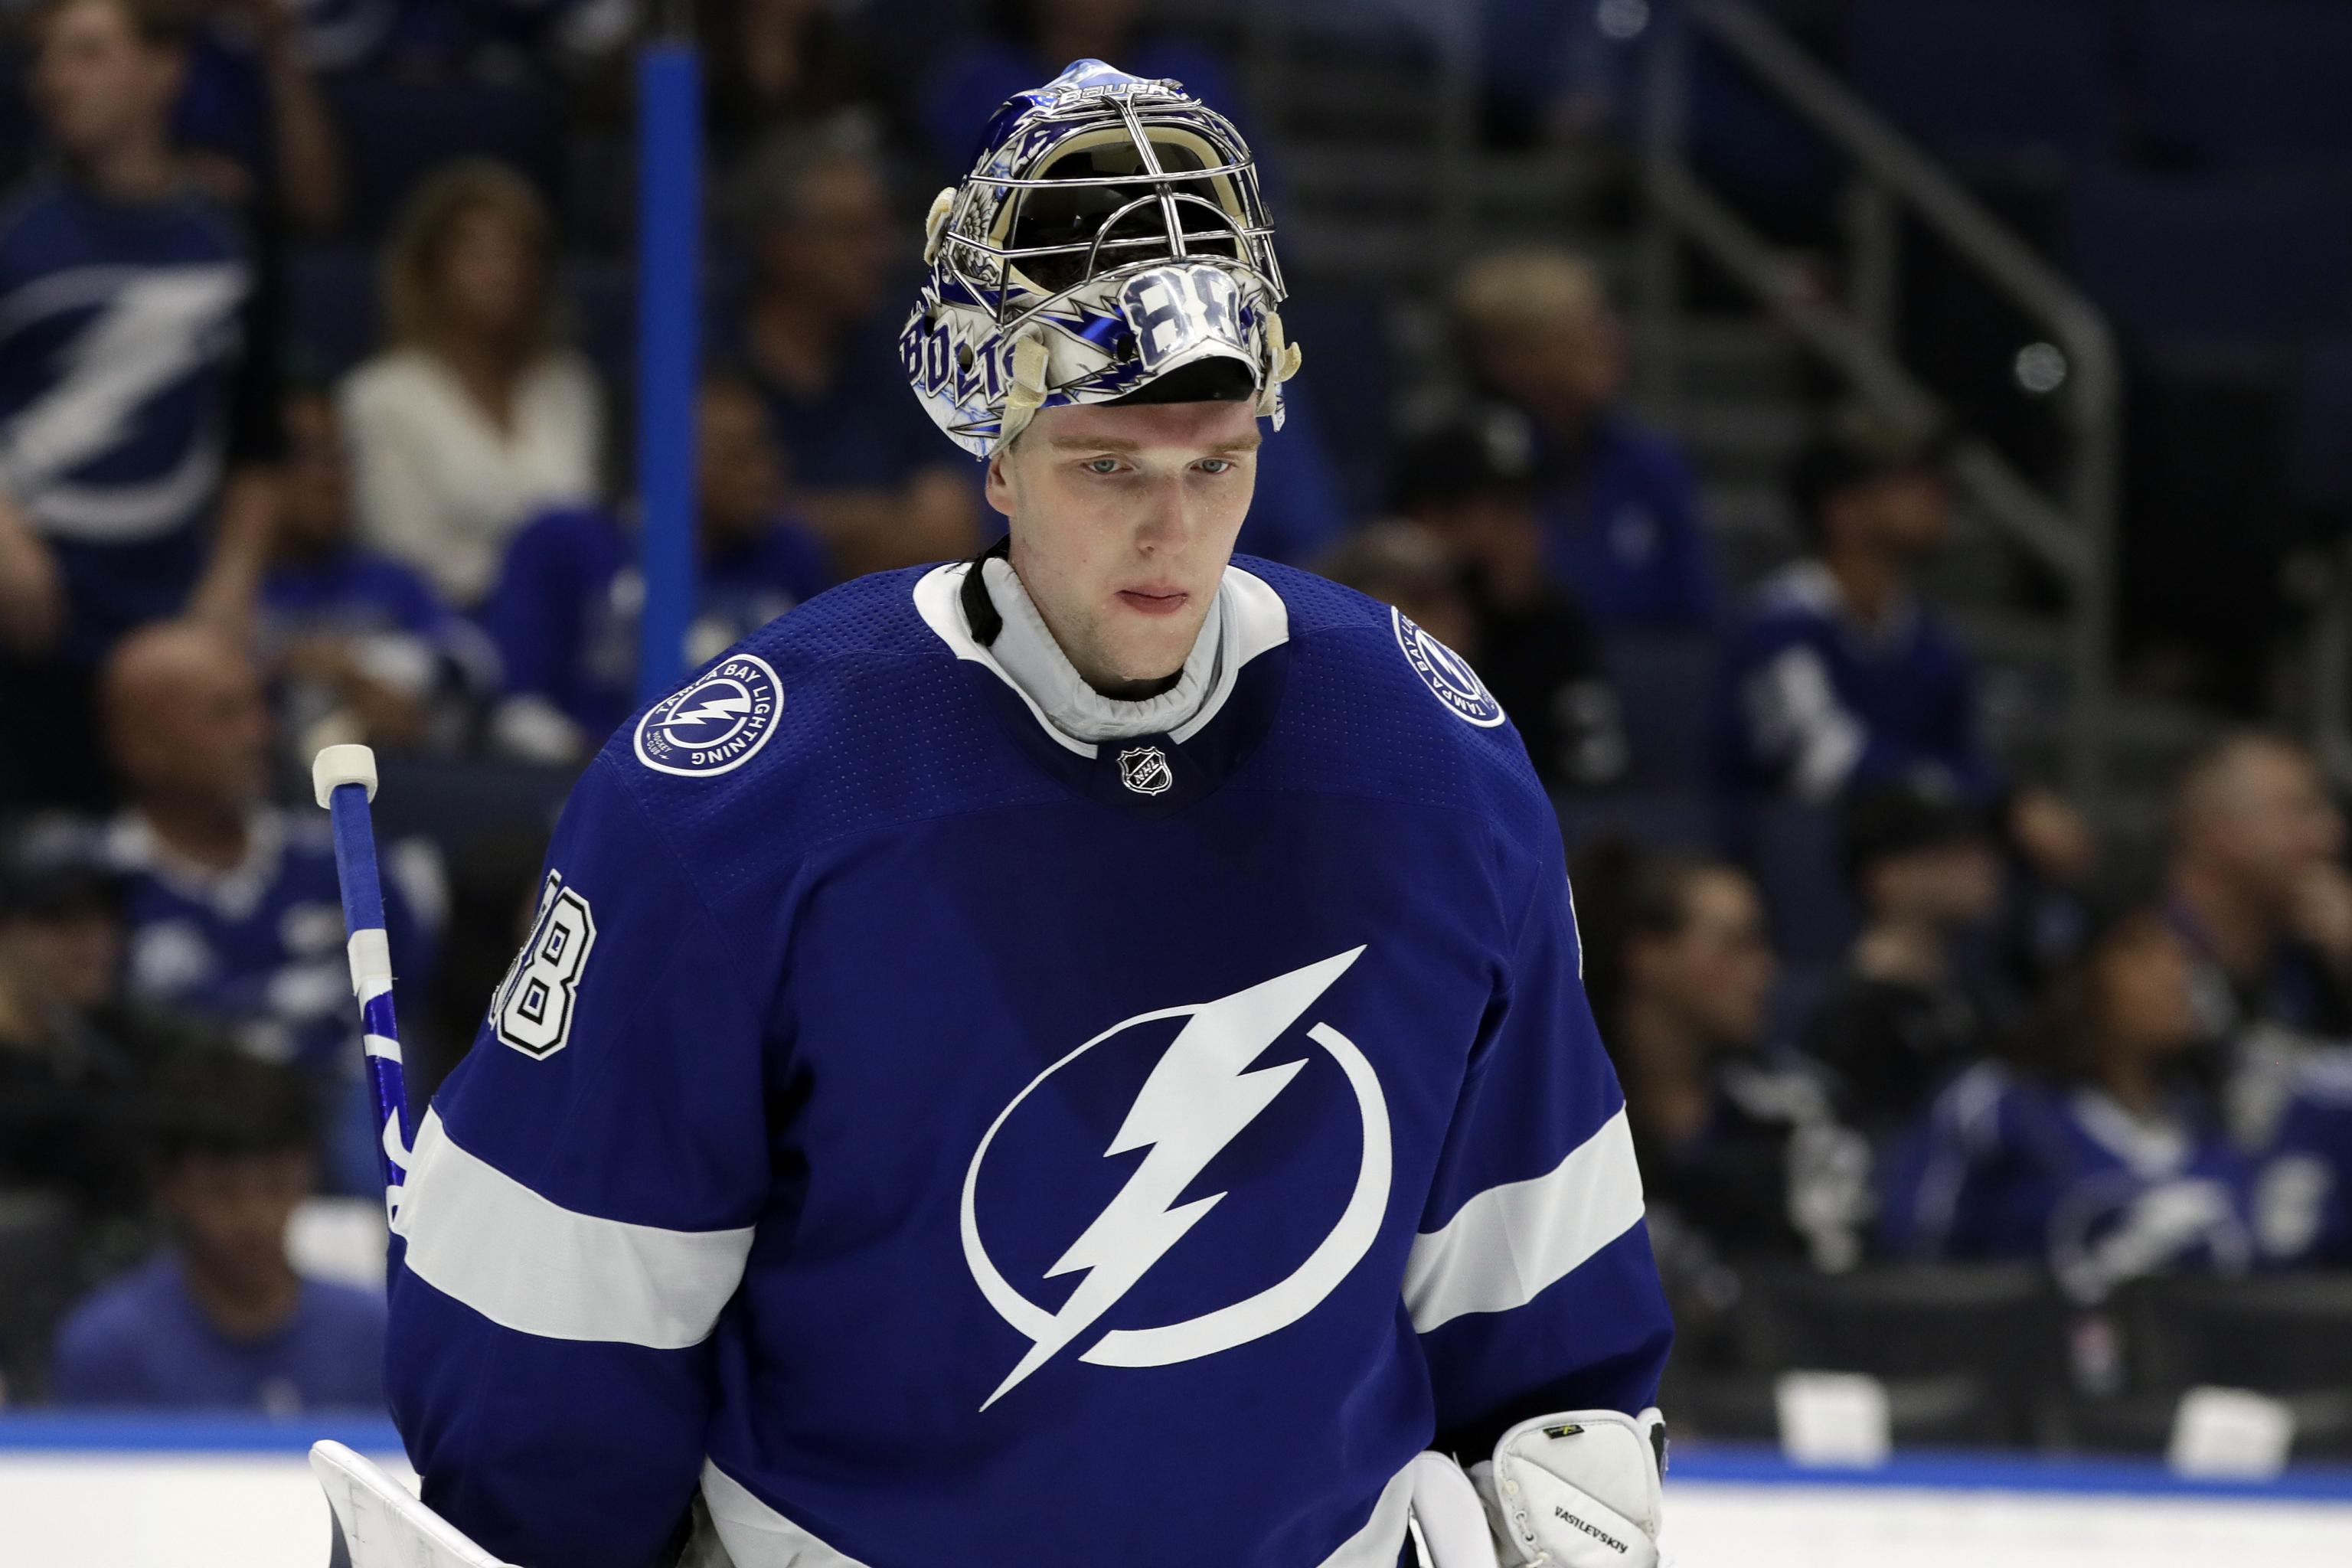 Василевский в четвертый раз кряду стал лидером по количеству побед в НХЛ, повторив достижение Бродо